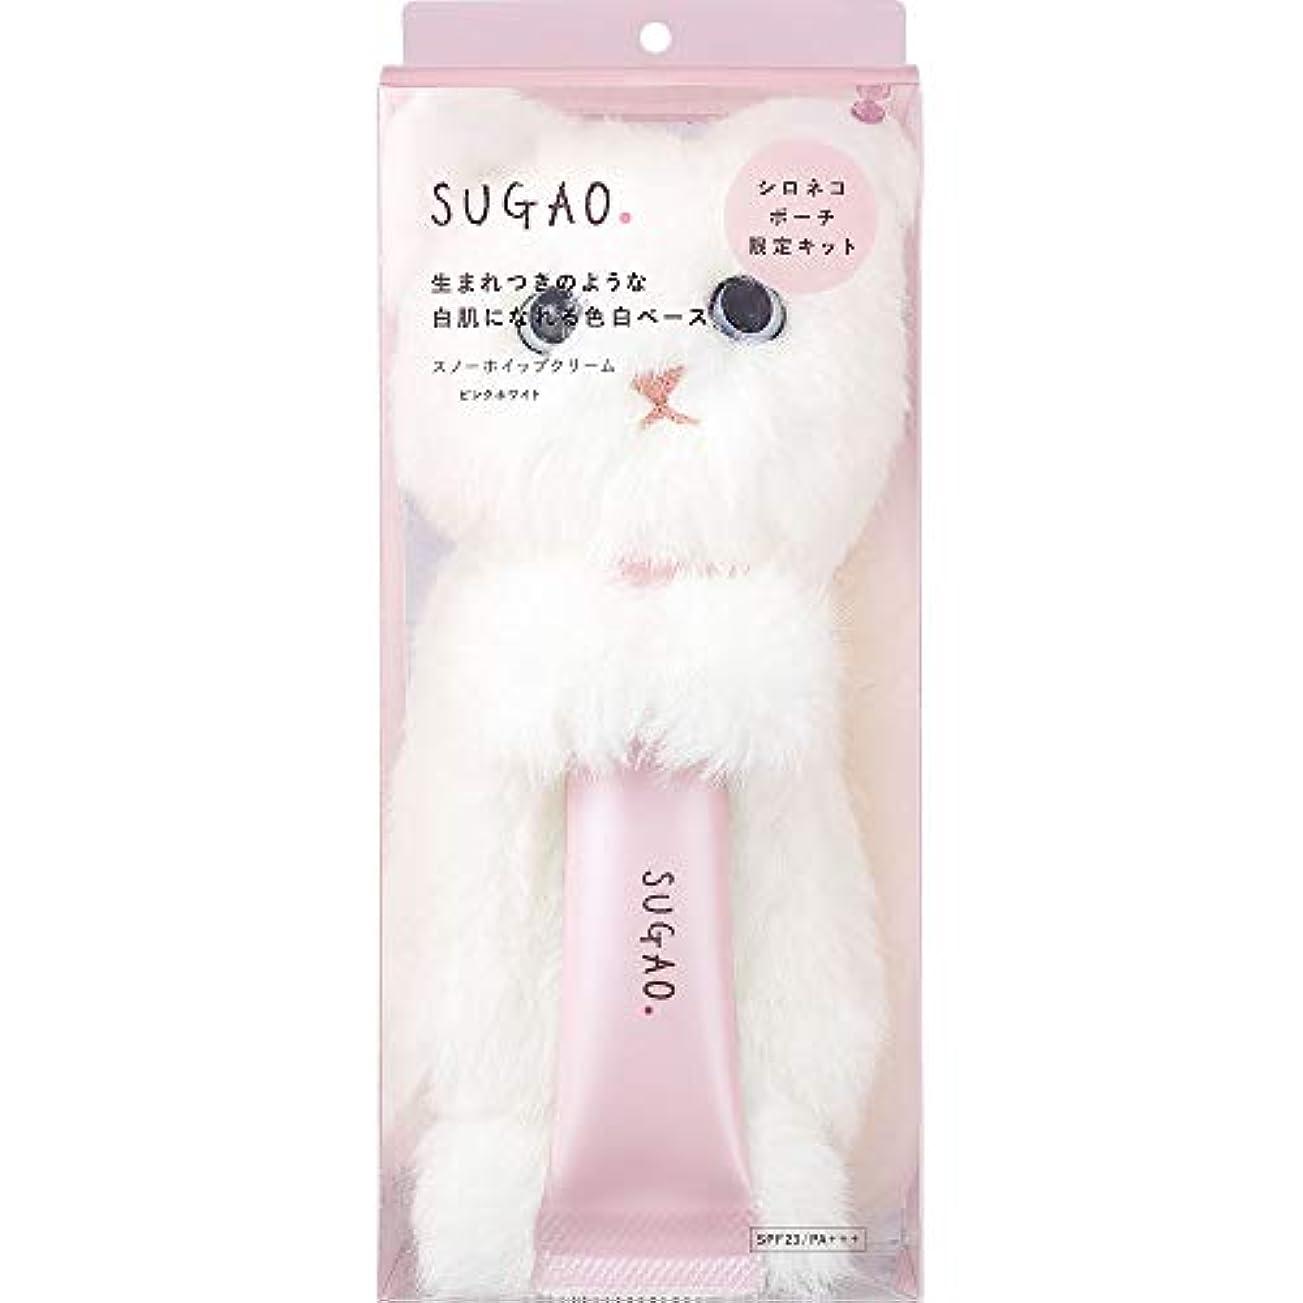 偏見大胆不敵中央値スガオ (SUGAO) 化粧下地 スノーホイップクリーム シロネコポーチ付き